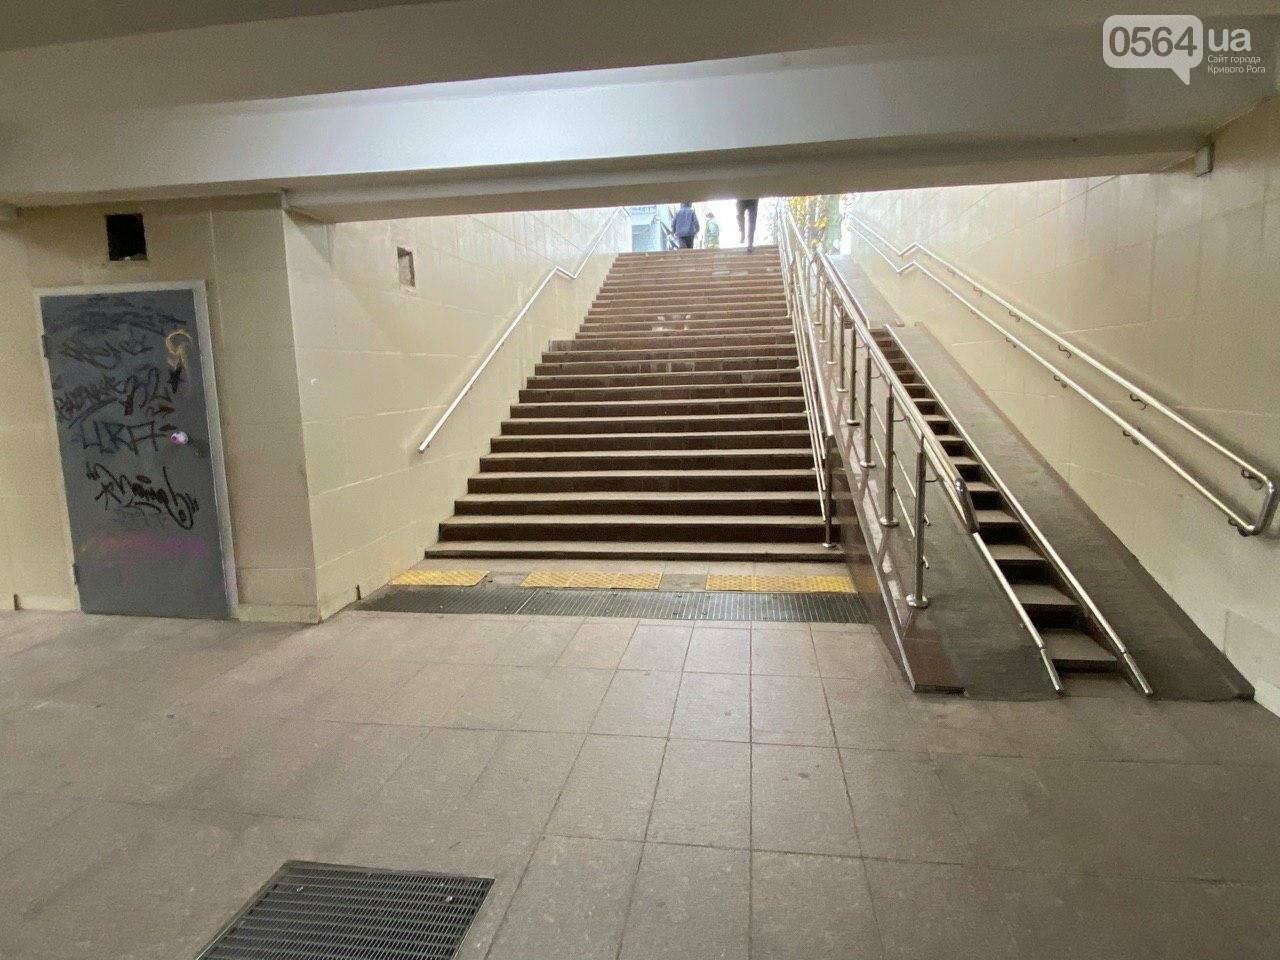 В Кривом Роге отклеилась тактильная плитка в подземном переходе, - ФОТО , фото-9